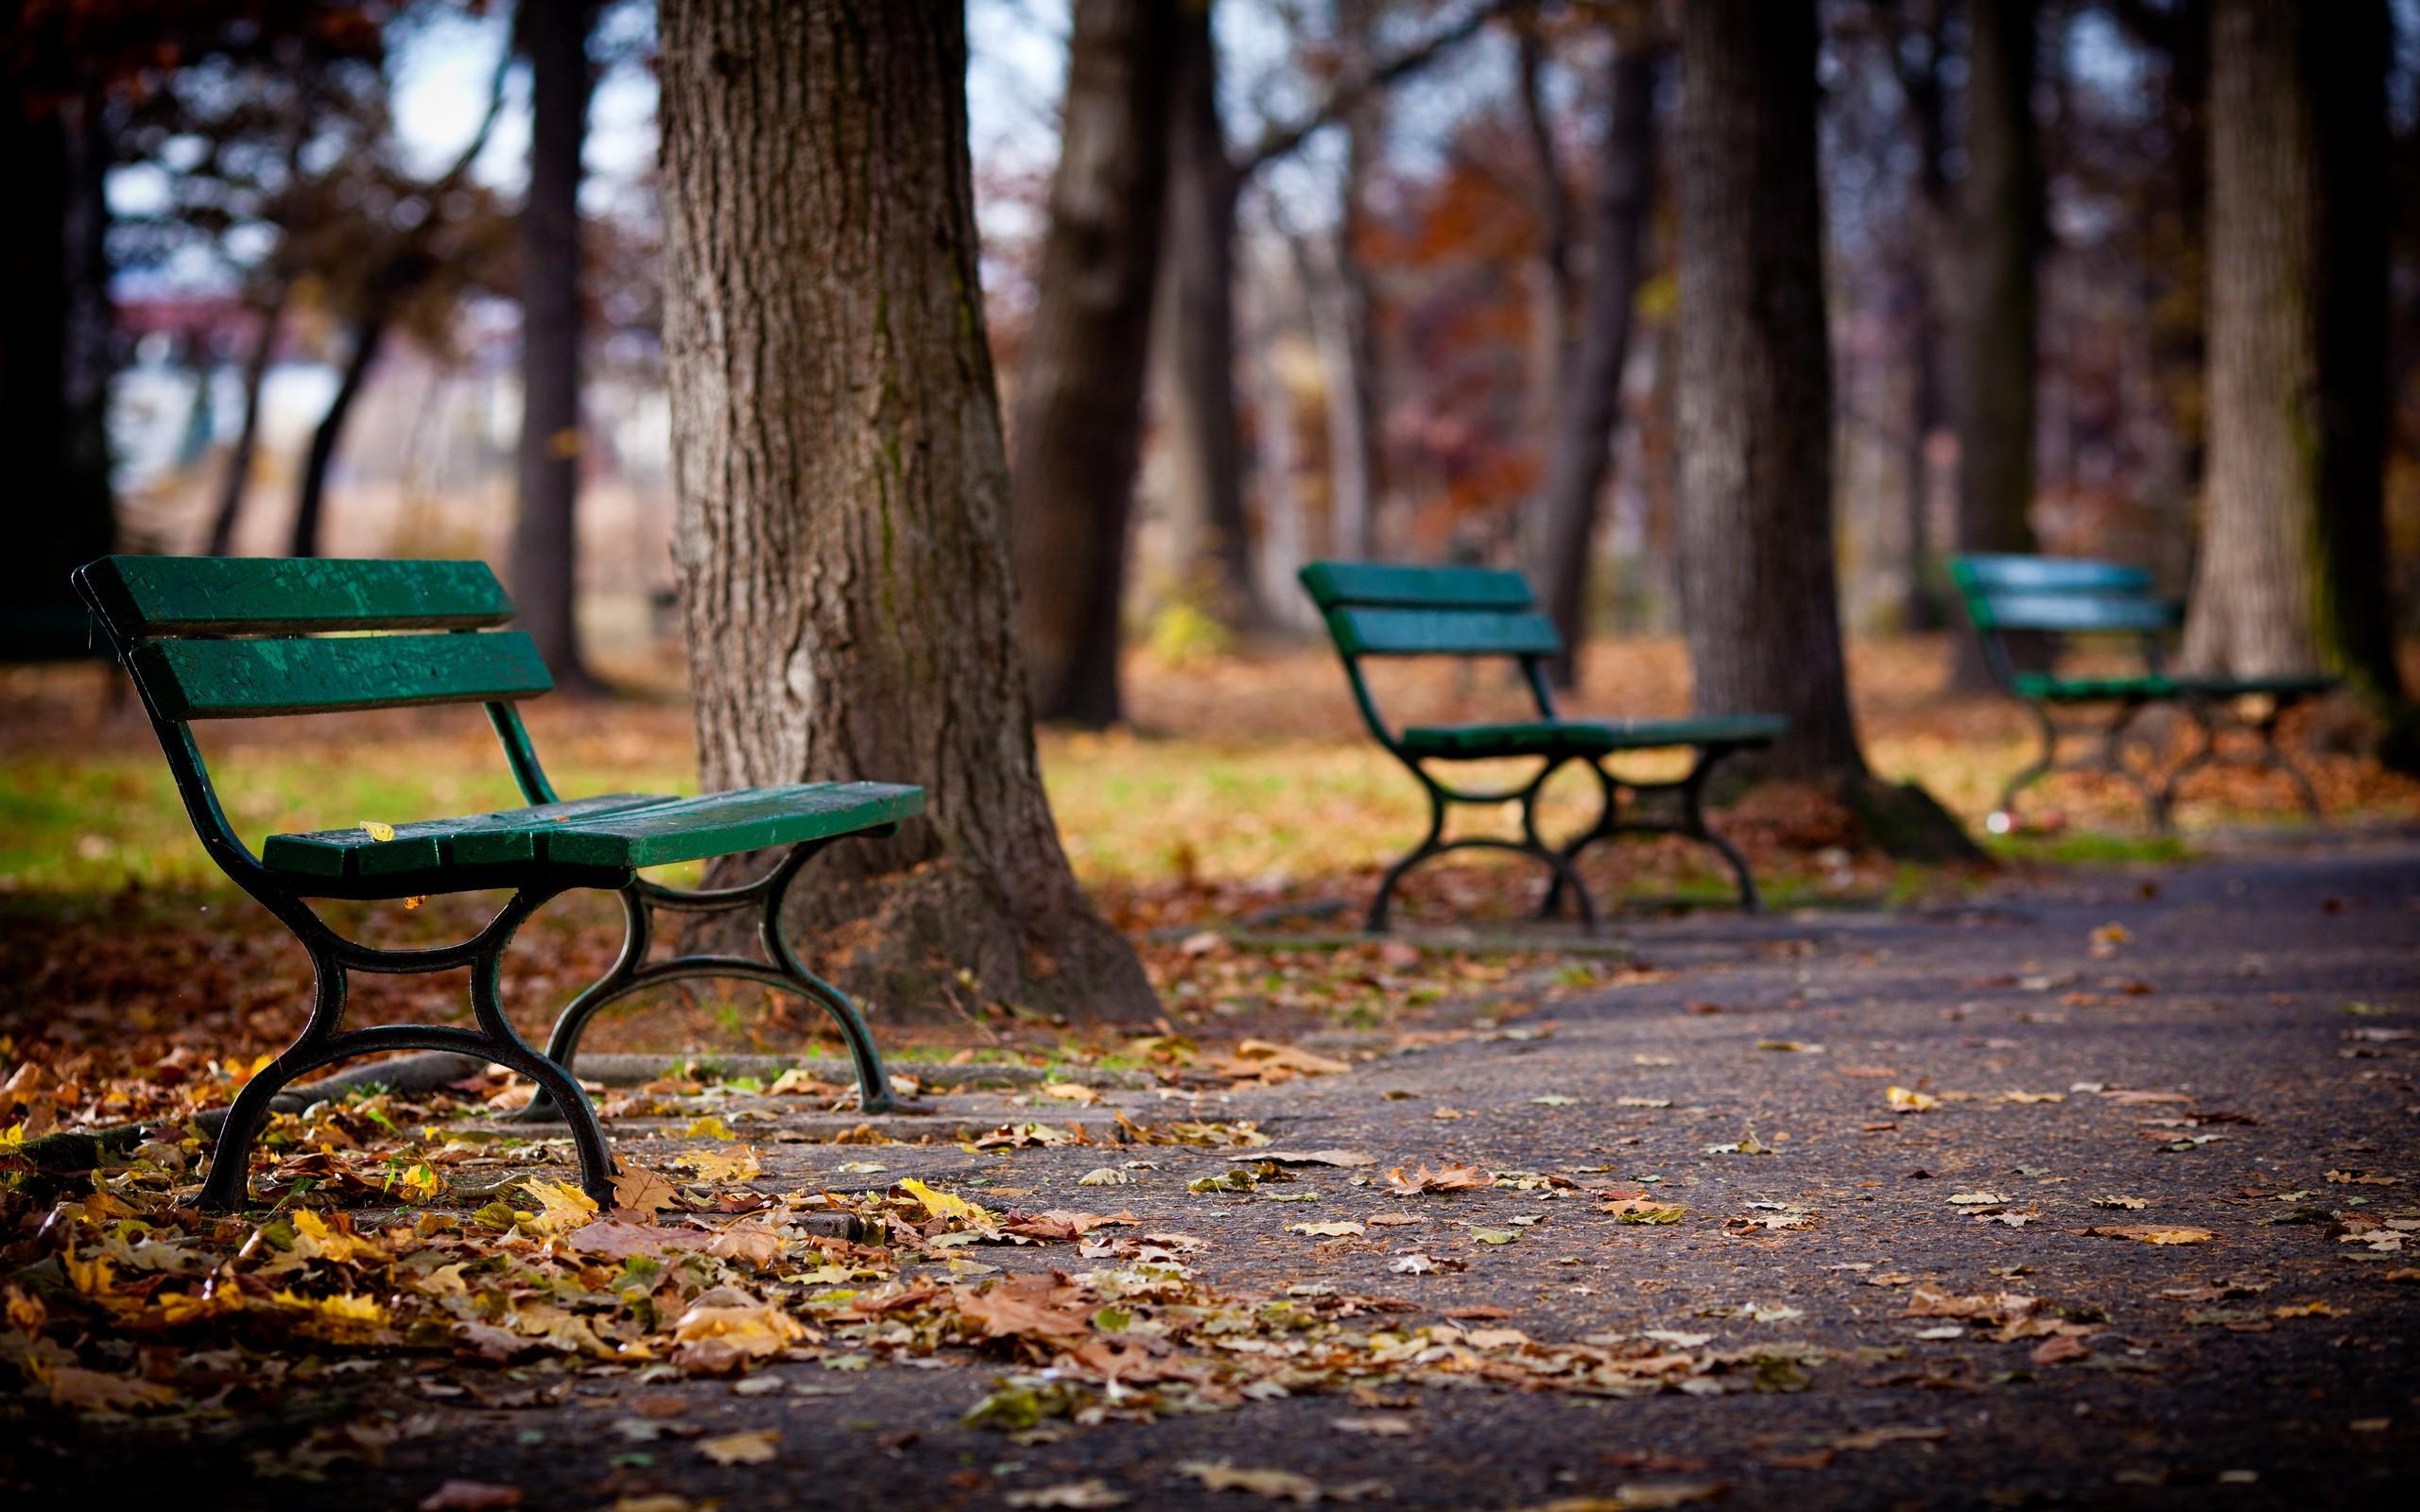 осень листья лавочка парк бесплатно